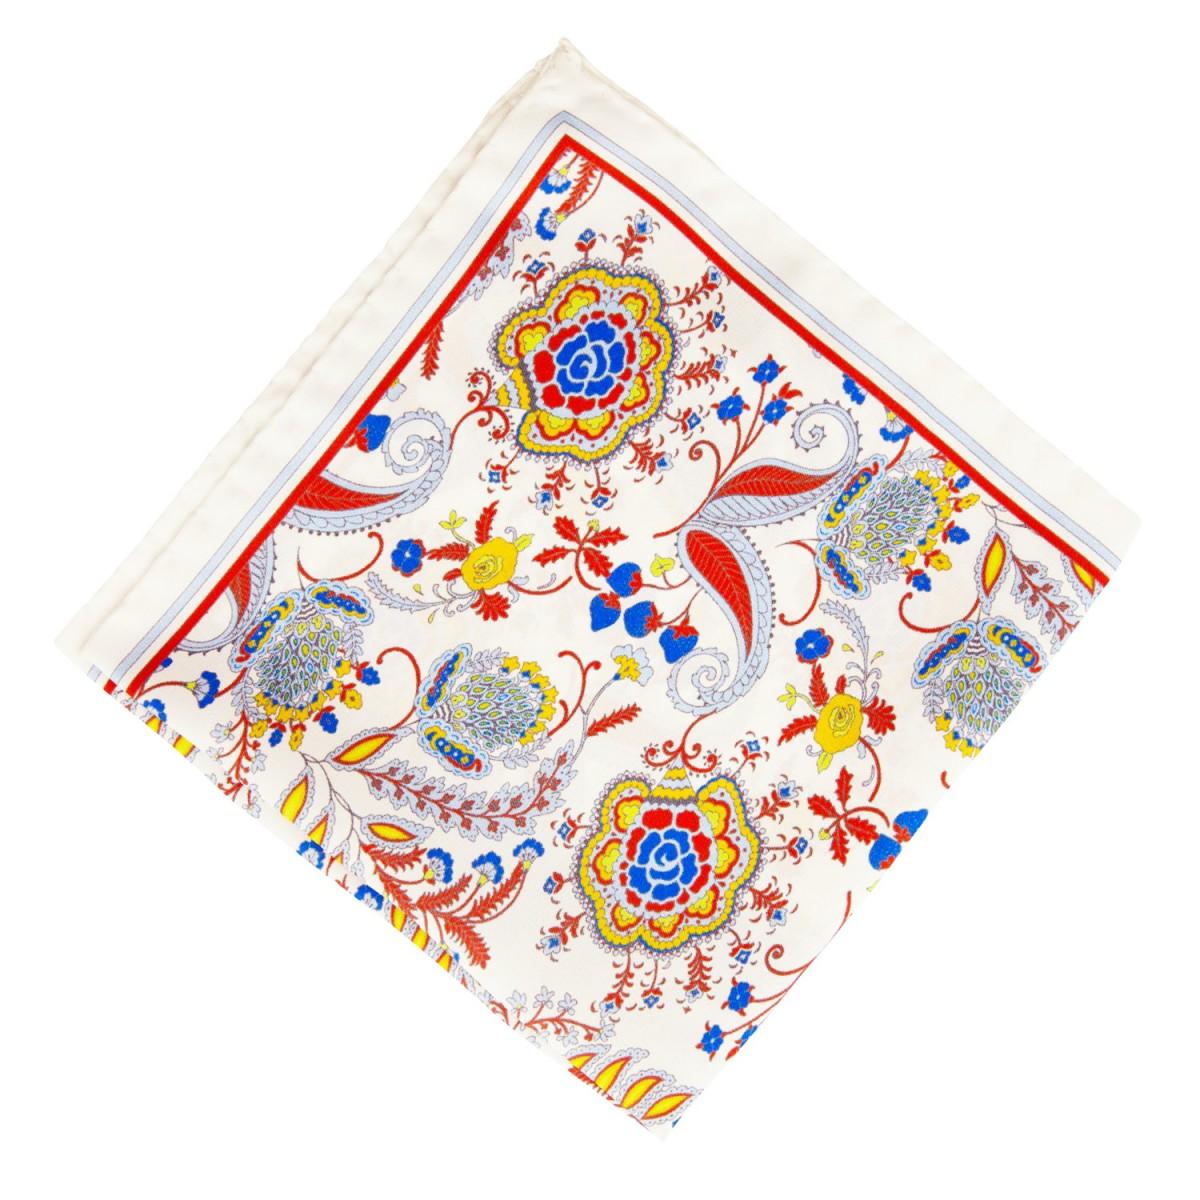 Panuelo-Blanco-Flores-Azul-y-Rojo